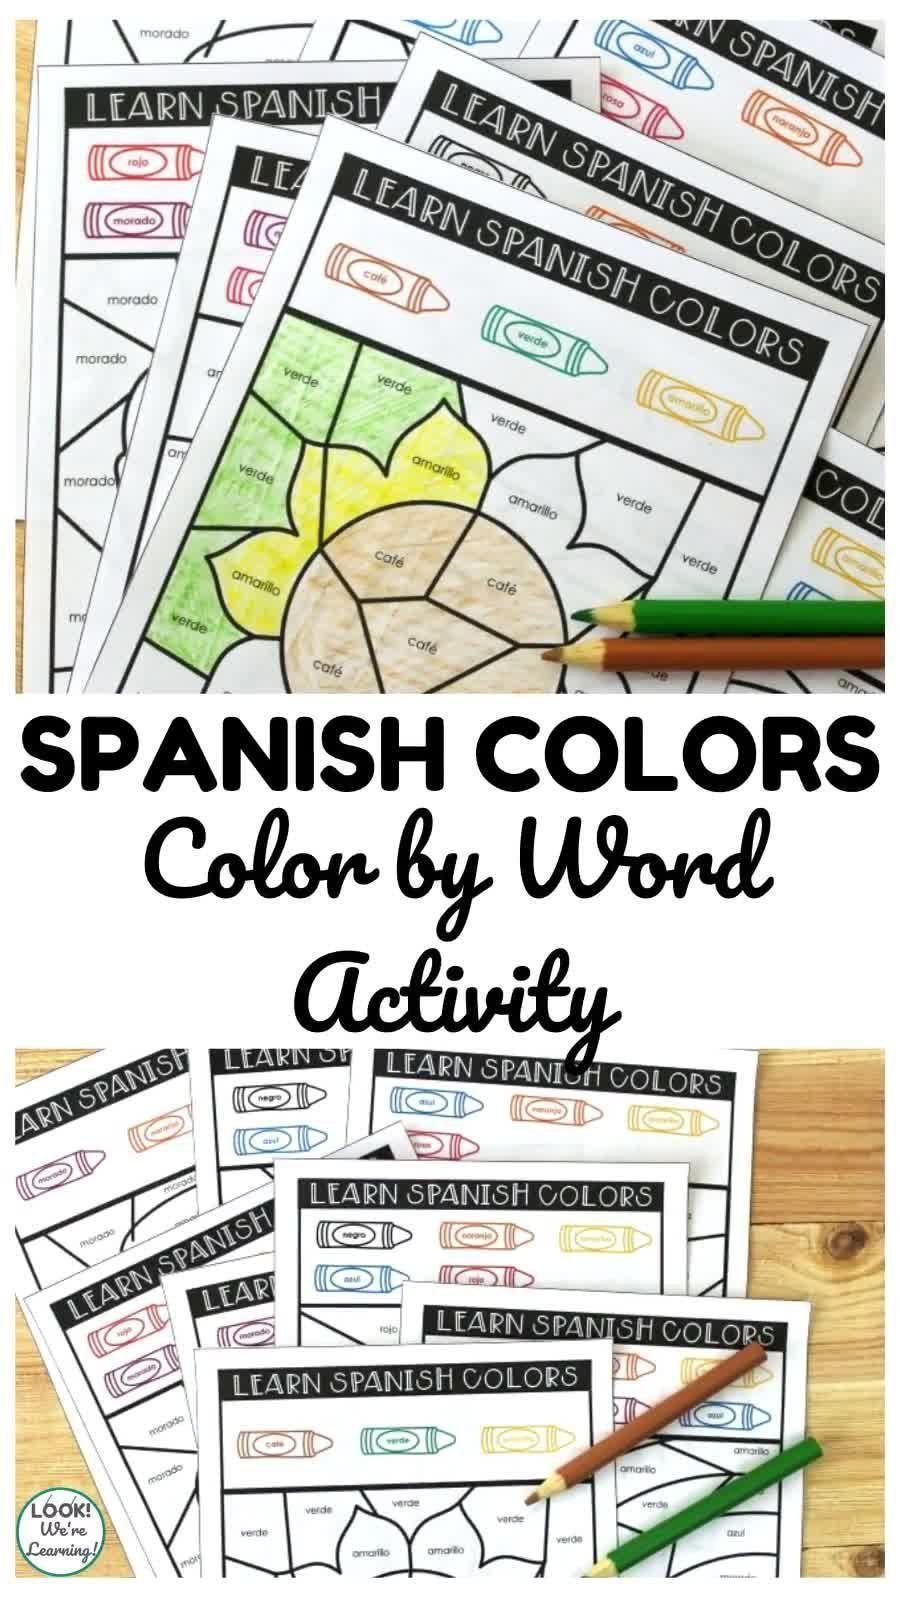 Aprendemos Colores Spanish Color Words Activity Video Video Word Activities Color Word Activities Kids Spanish Activities [ 1600 x 900 Pixel ]